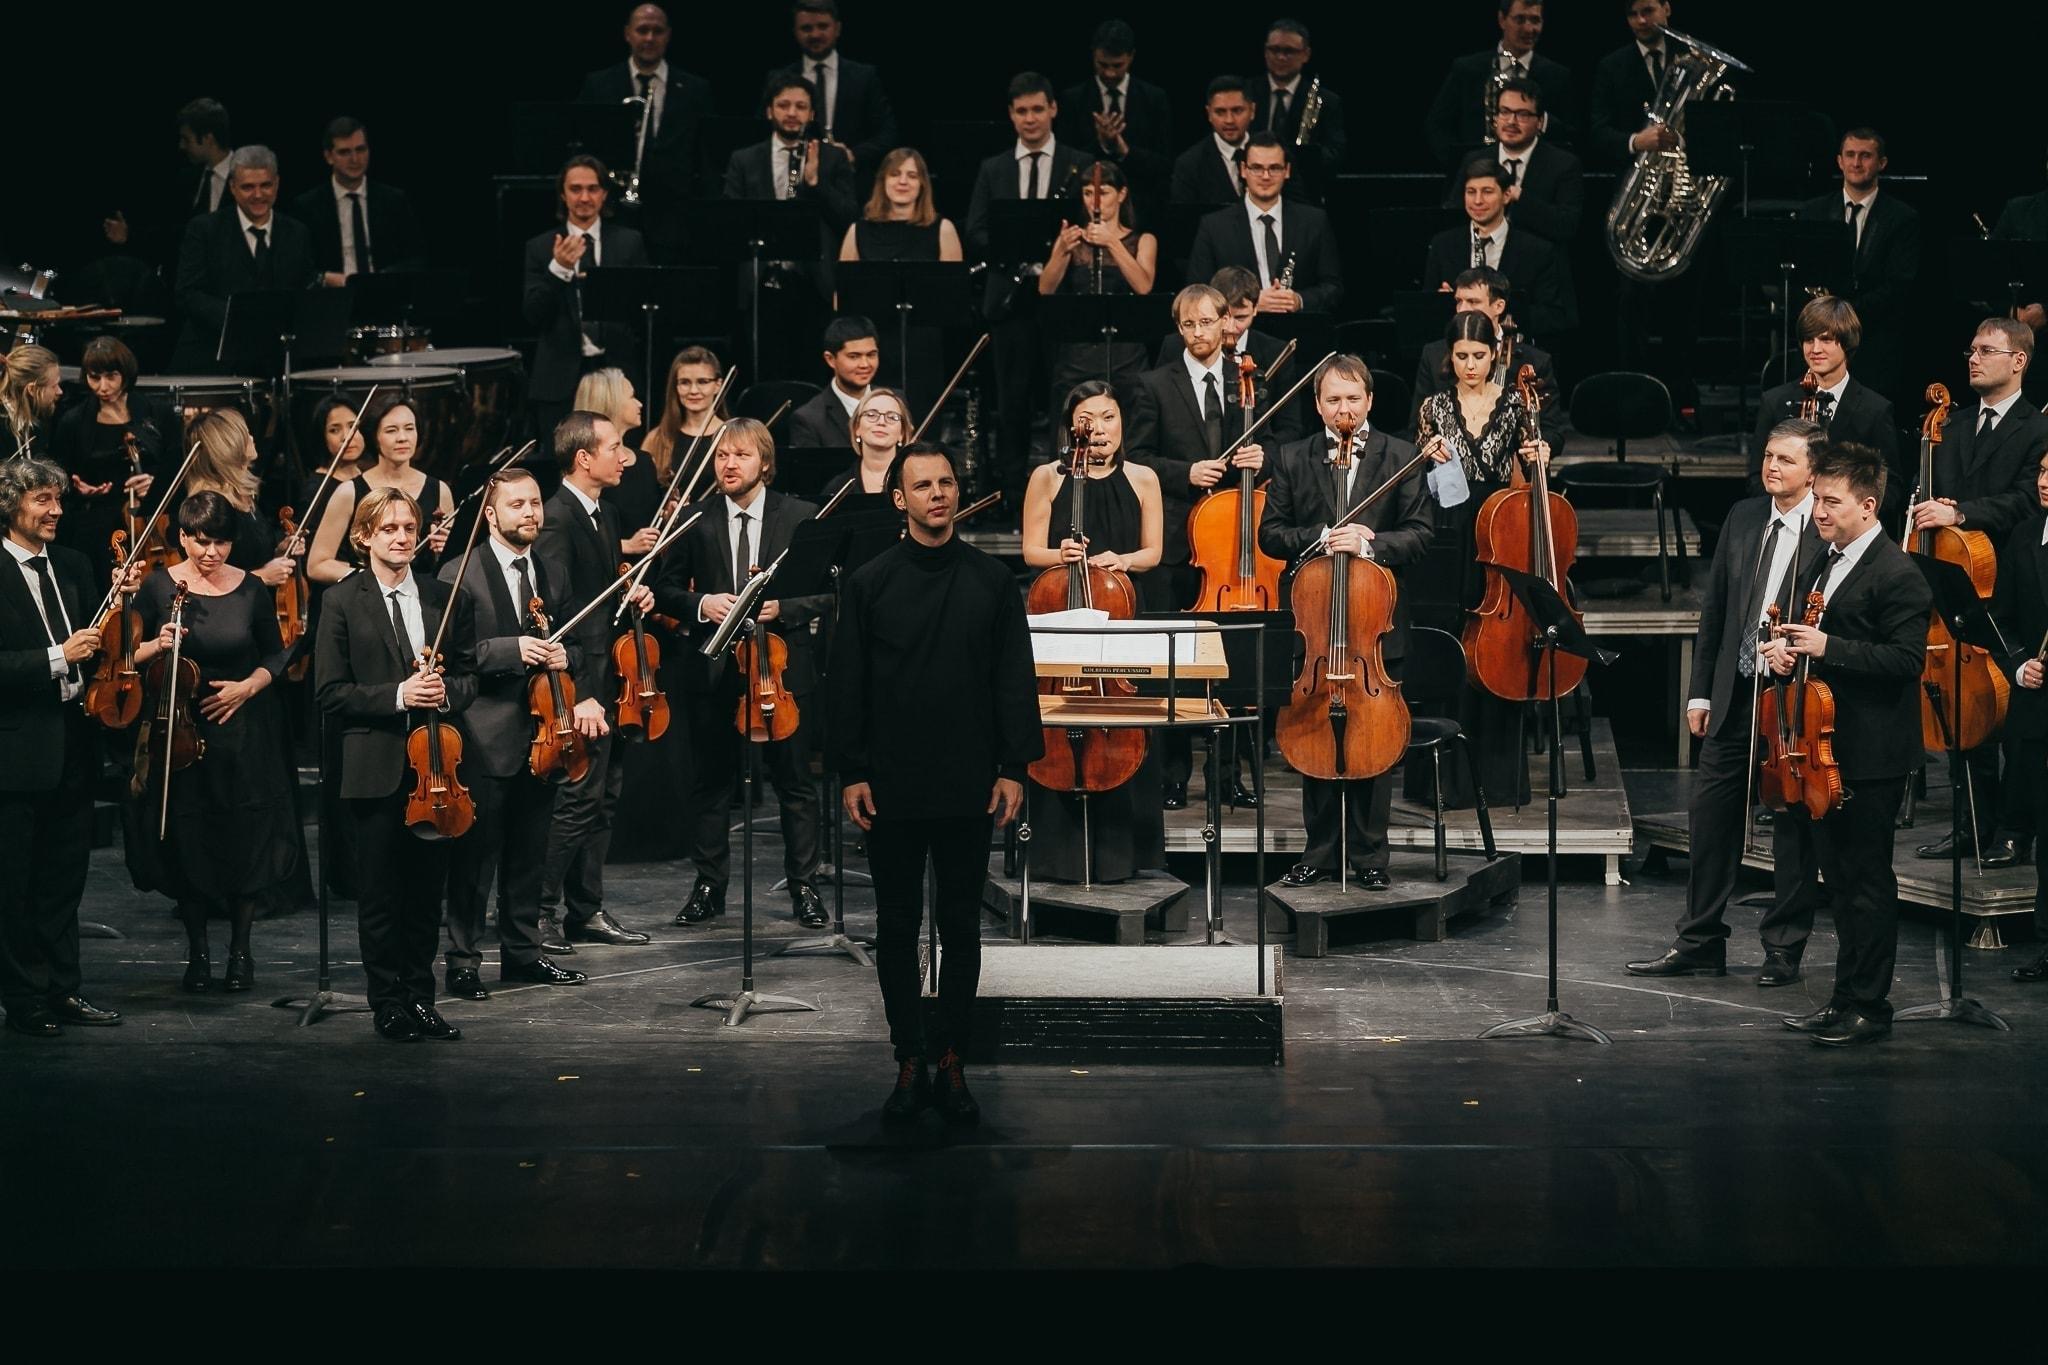 Теодор Курентзис и musicAeterna. Фото - Maris Lazdans